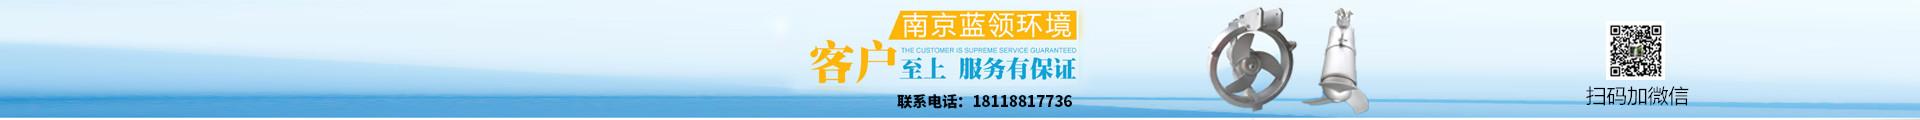 南京藍領環境科技有限公司